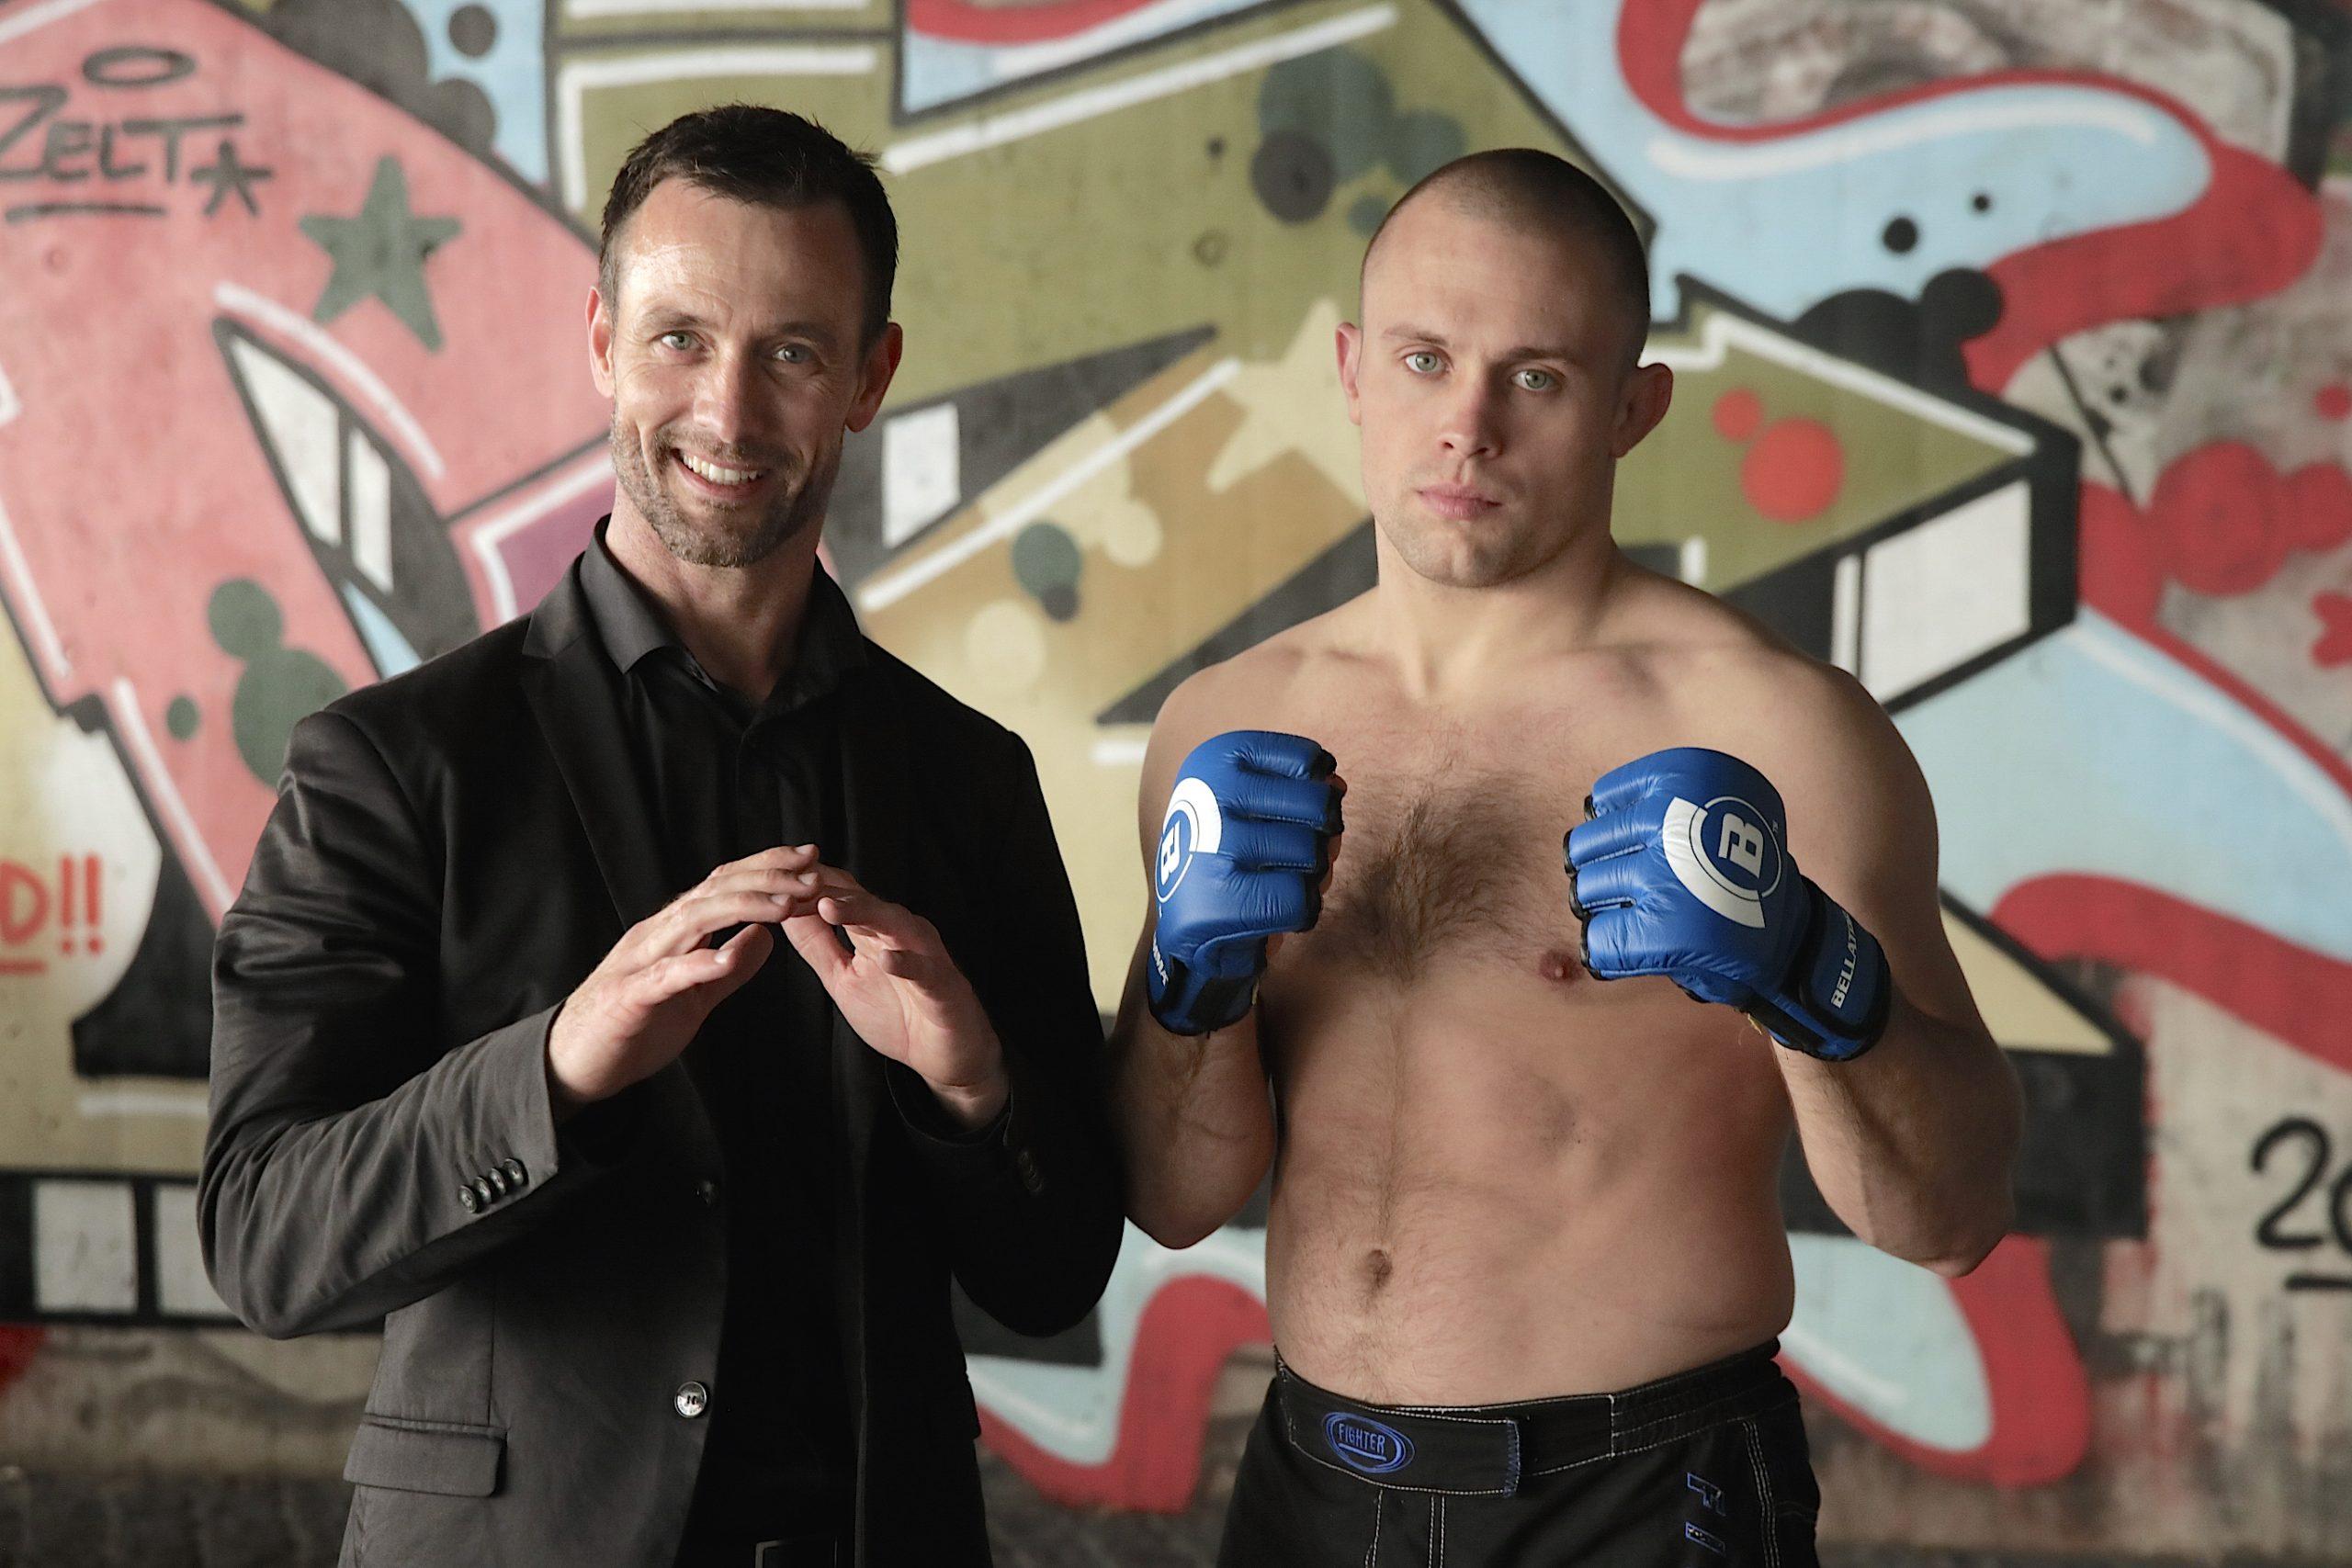 Sifu Martin Brogaard -Wing Chun vs MMA